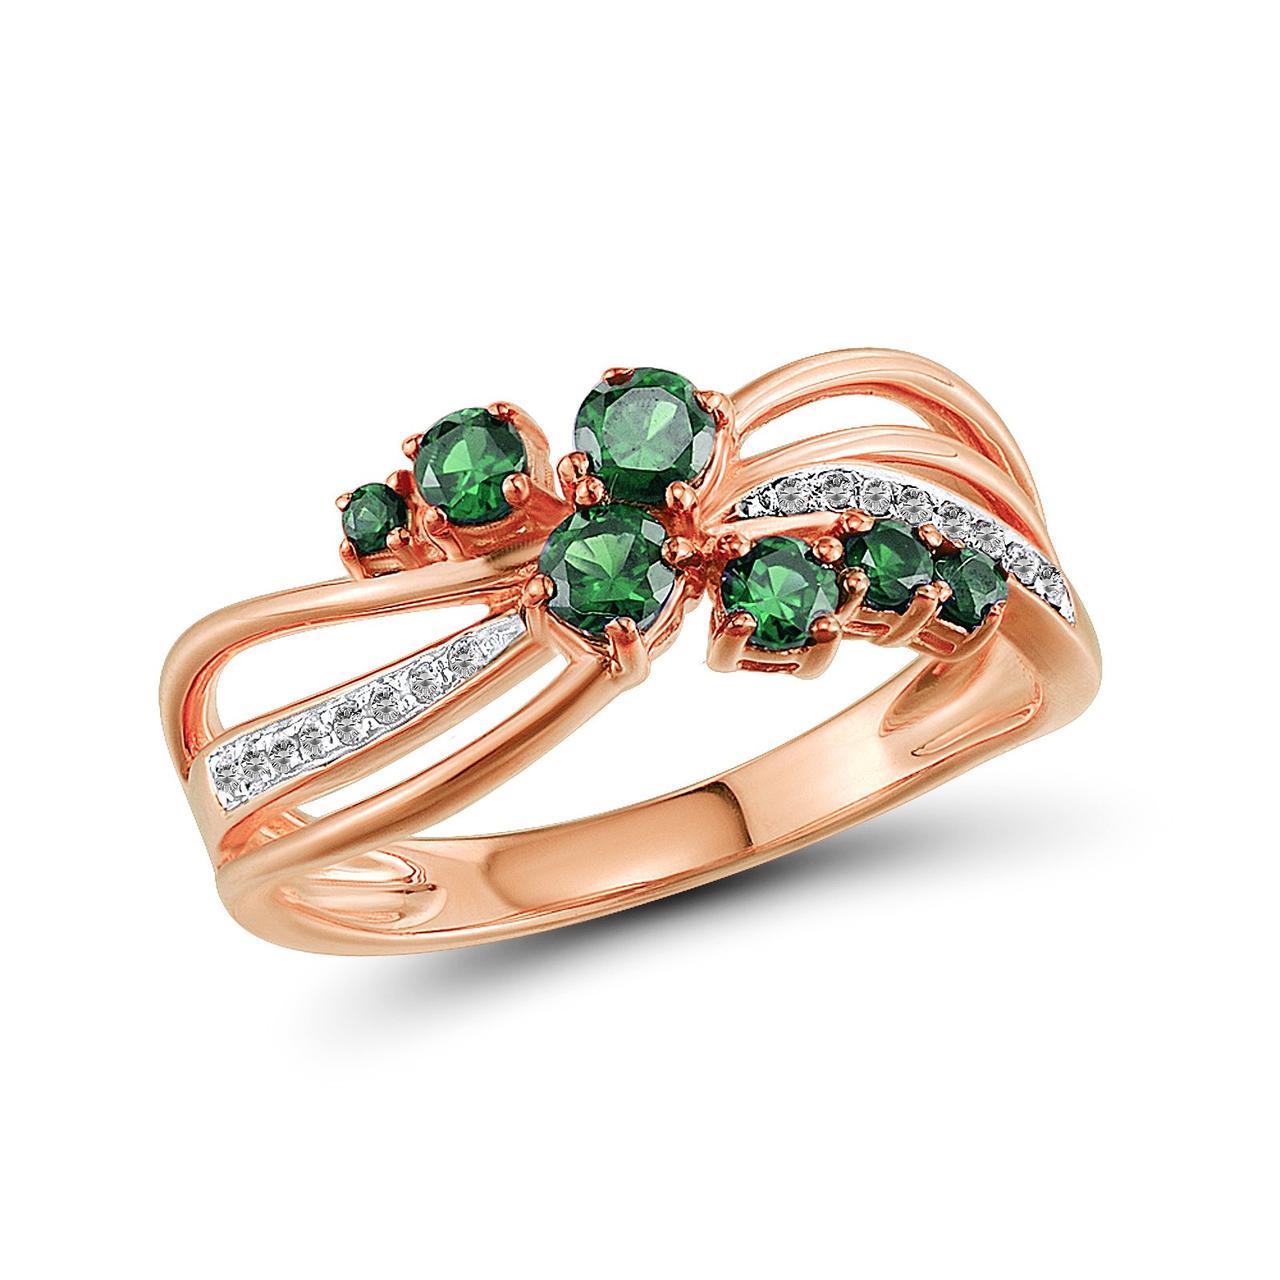 Золотое кольцо с бриллиантами и изумрудами, размер 18 (1616687)